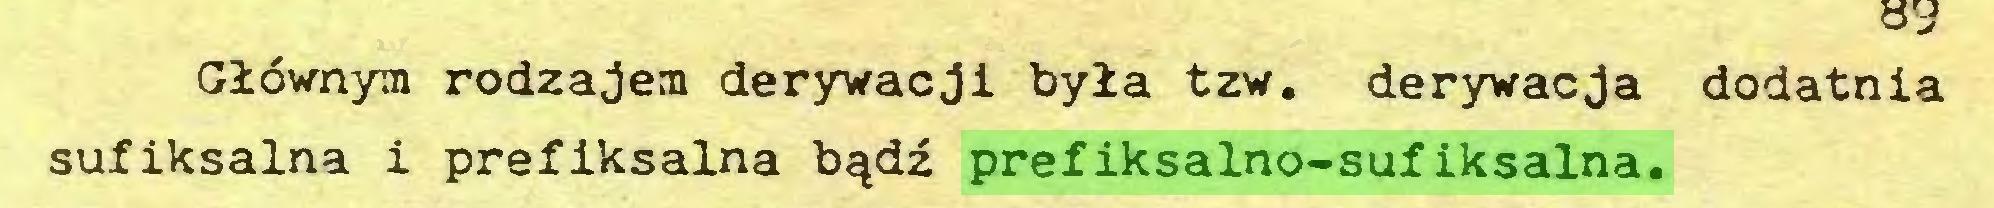 (...) Głównym rodzajem derywacji była tzw. derywacja dodatnia sufiksalna i preflksalna bądź prefiksalno-sufiksalna...